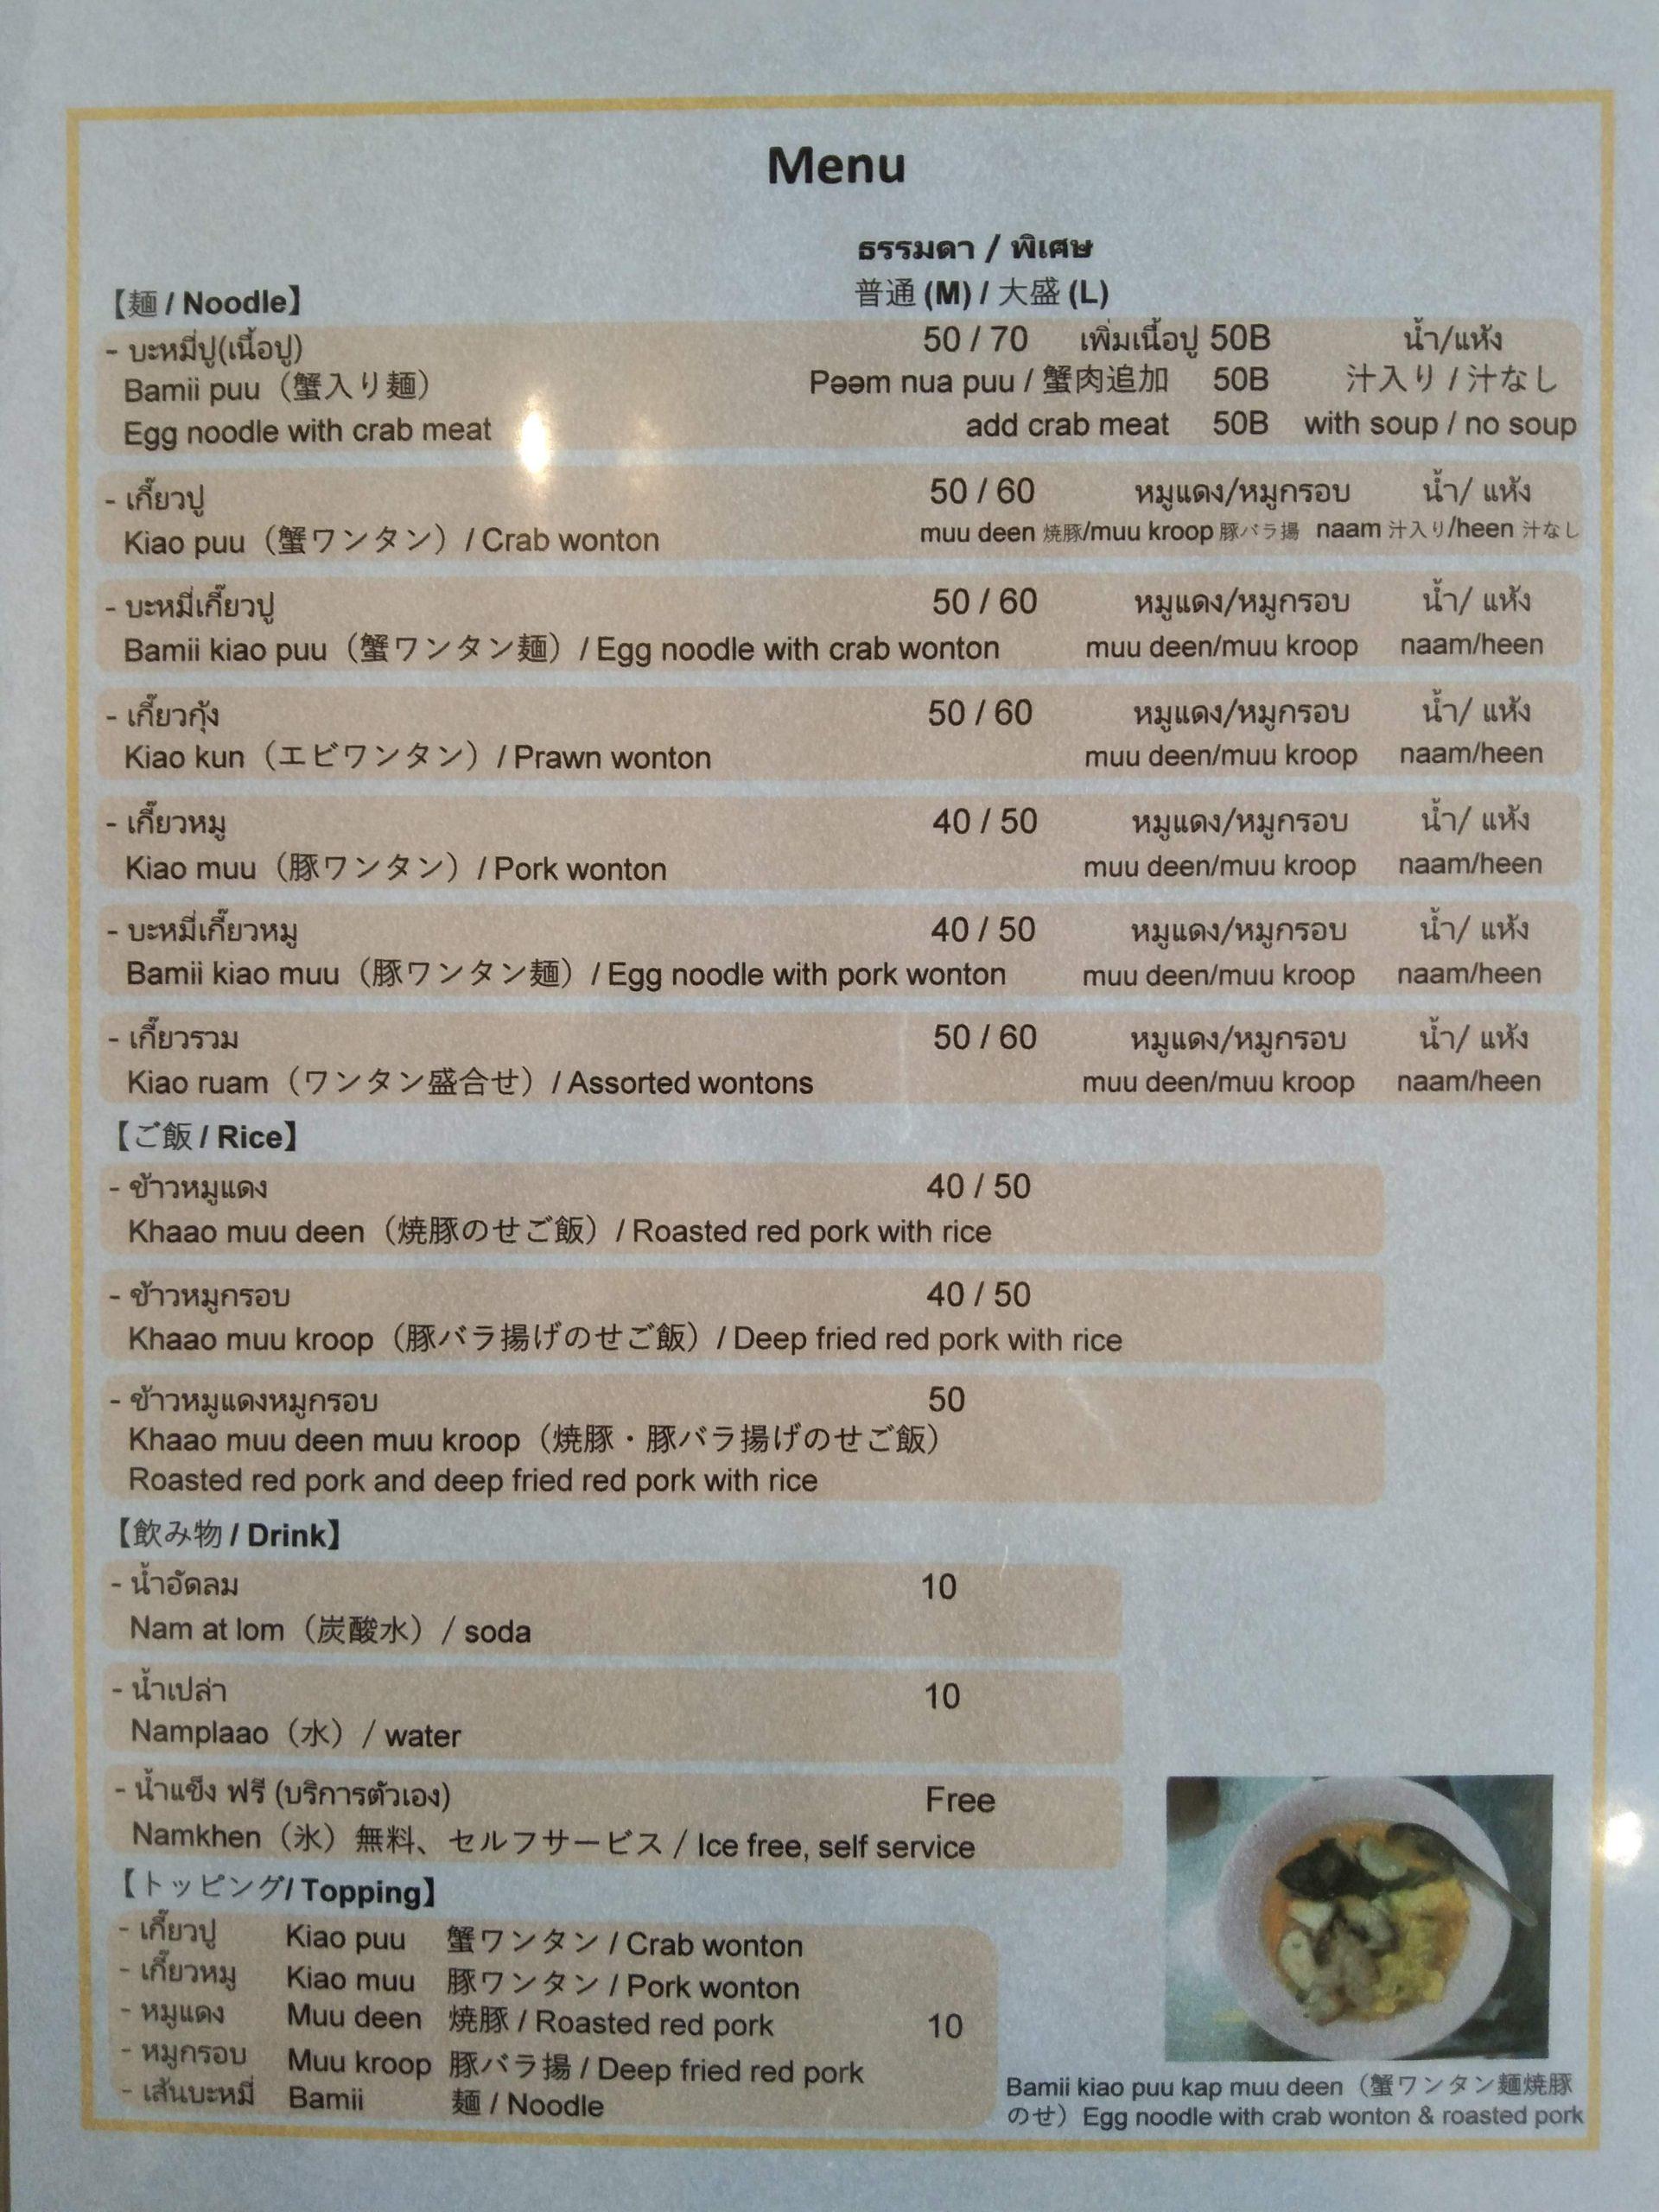 グリーンライフから徒歩1分のバミー屋さん、日本語メニュー